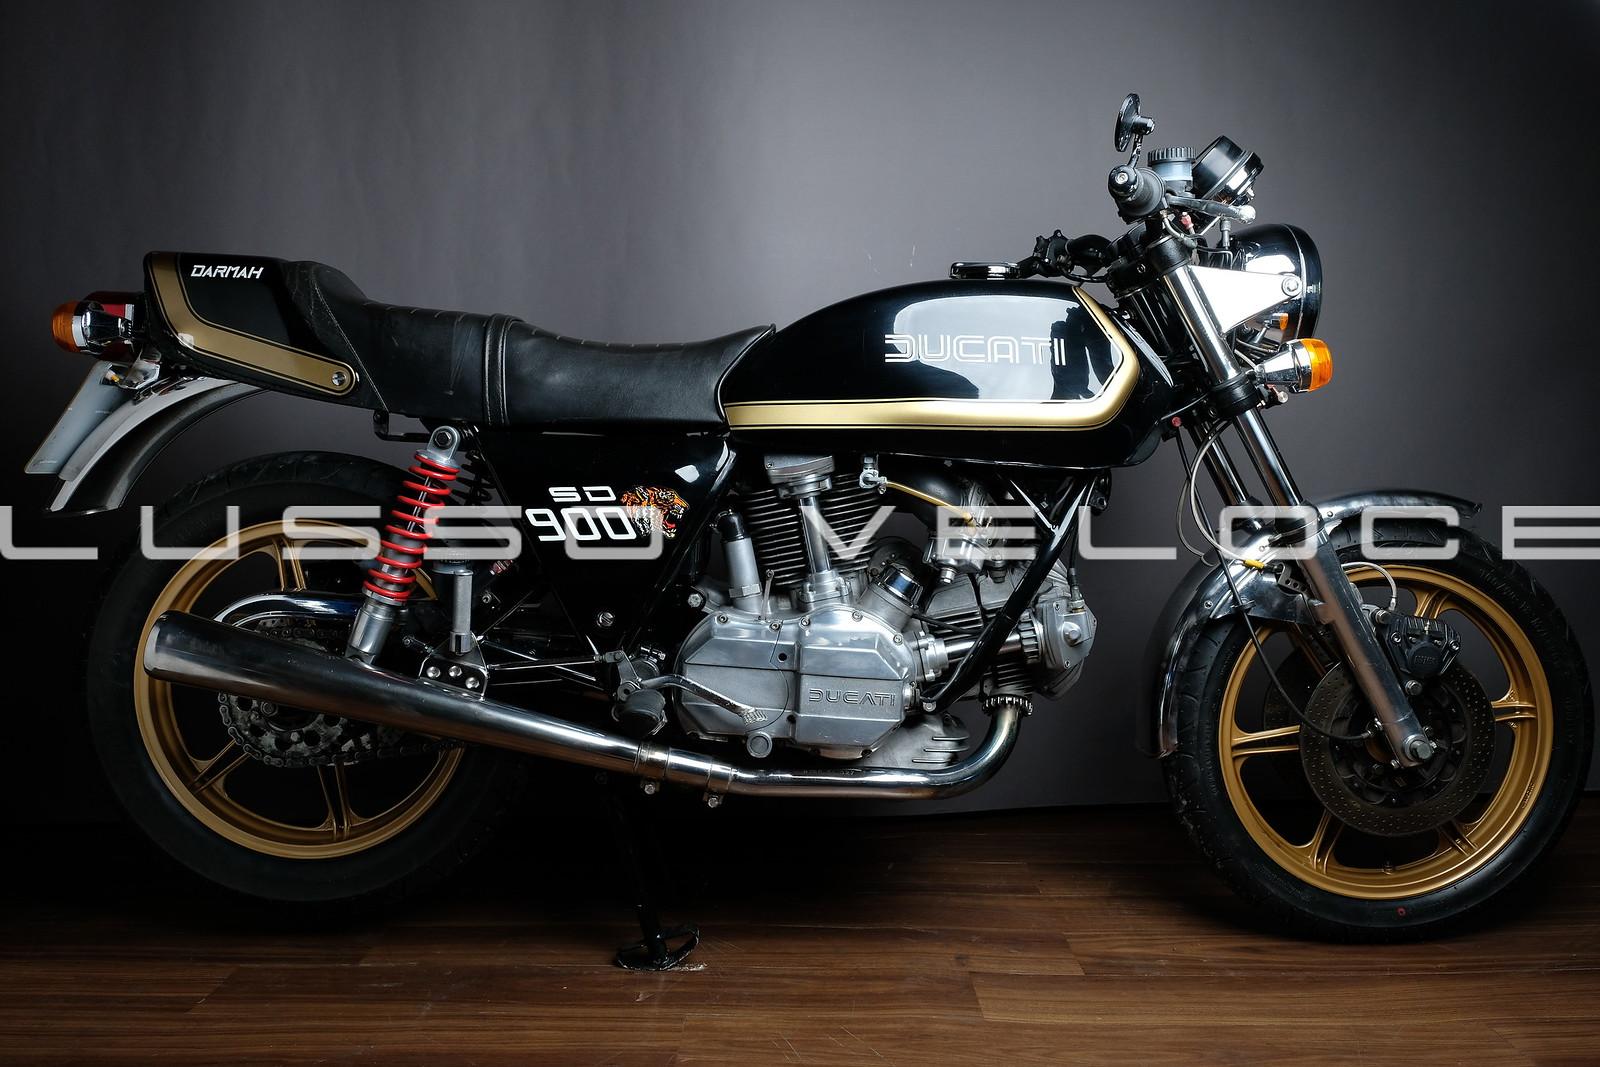 Ducati Darmah 900